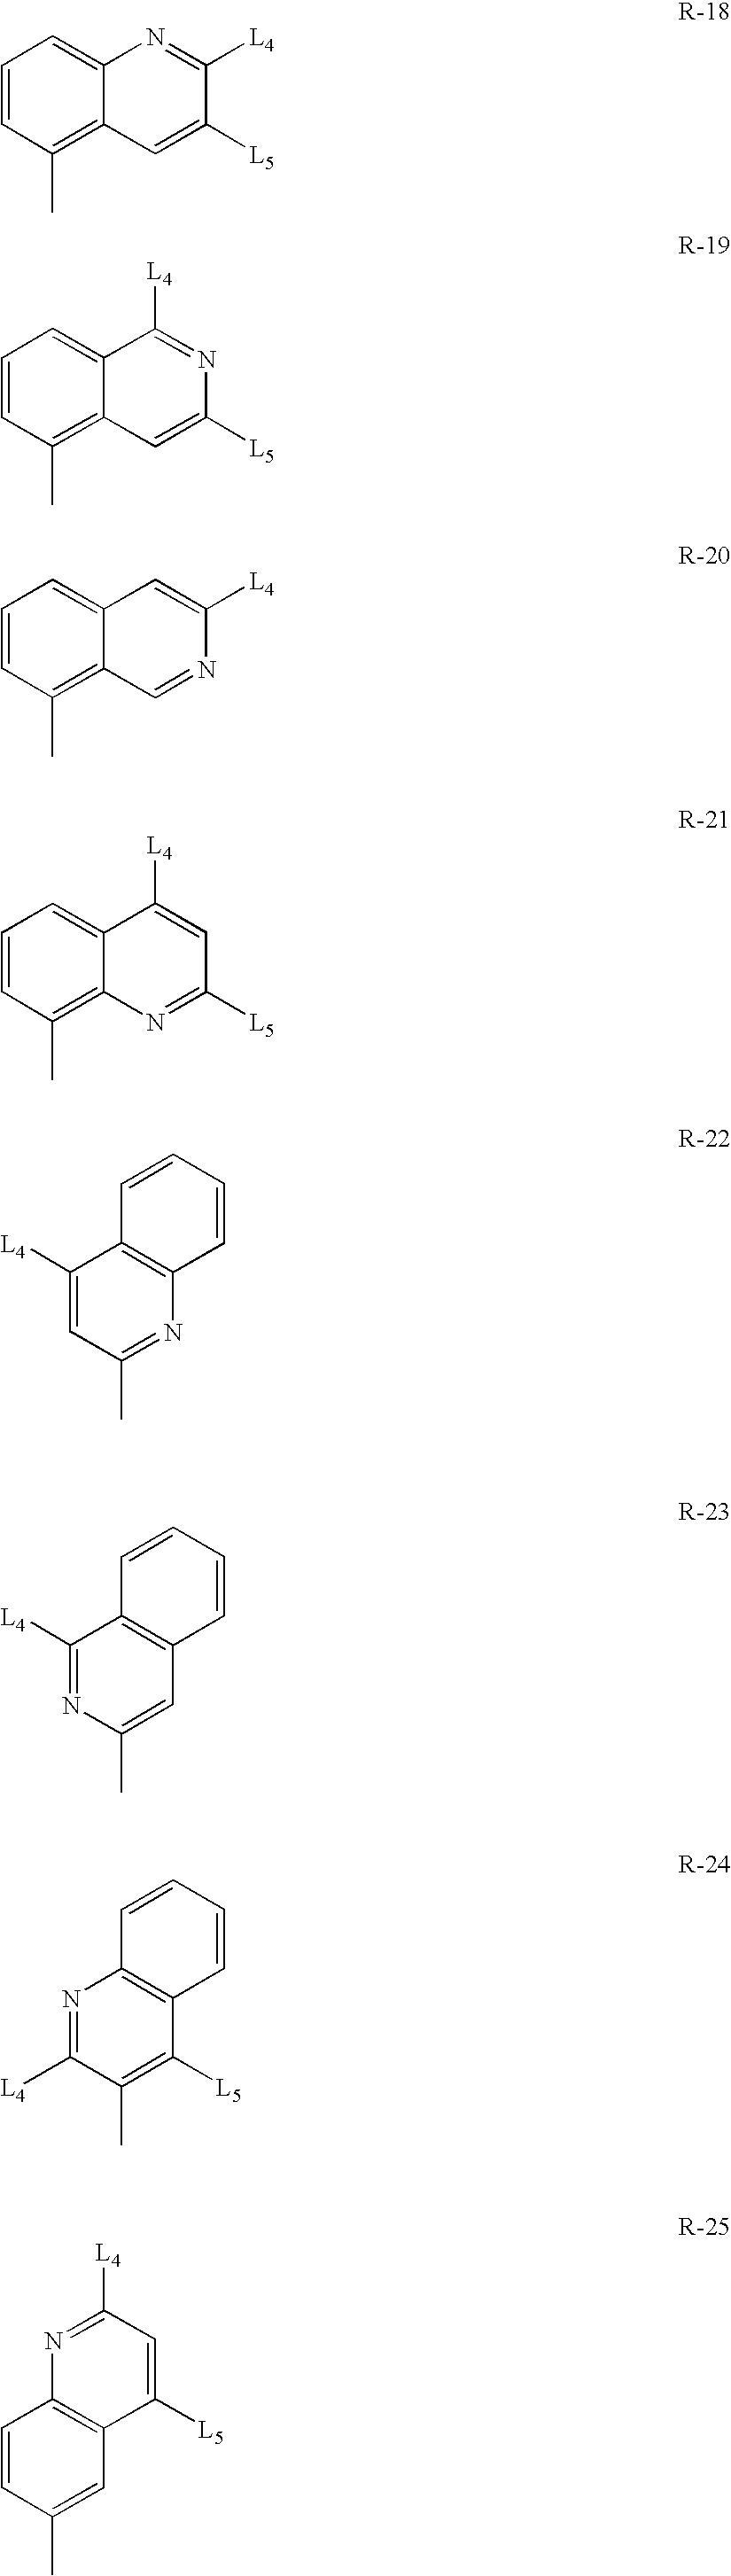 Figure US20060186796A1-20060824-C00022